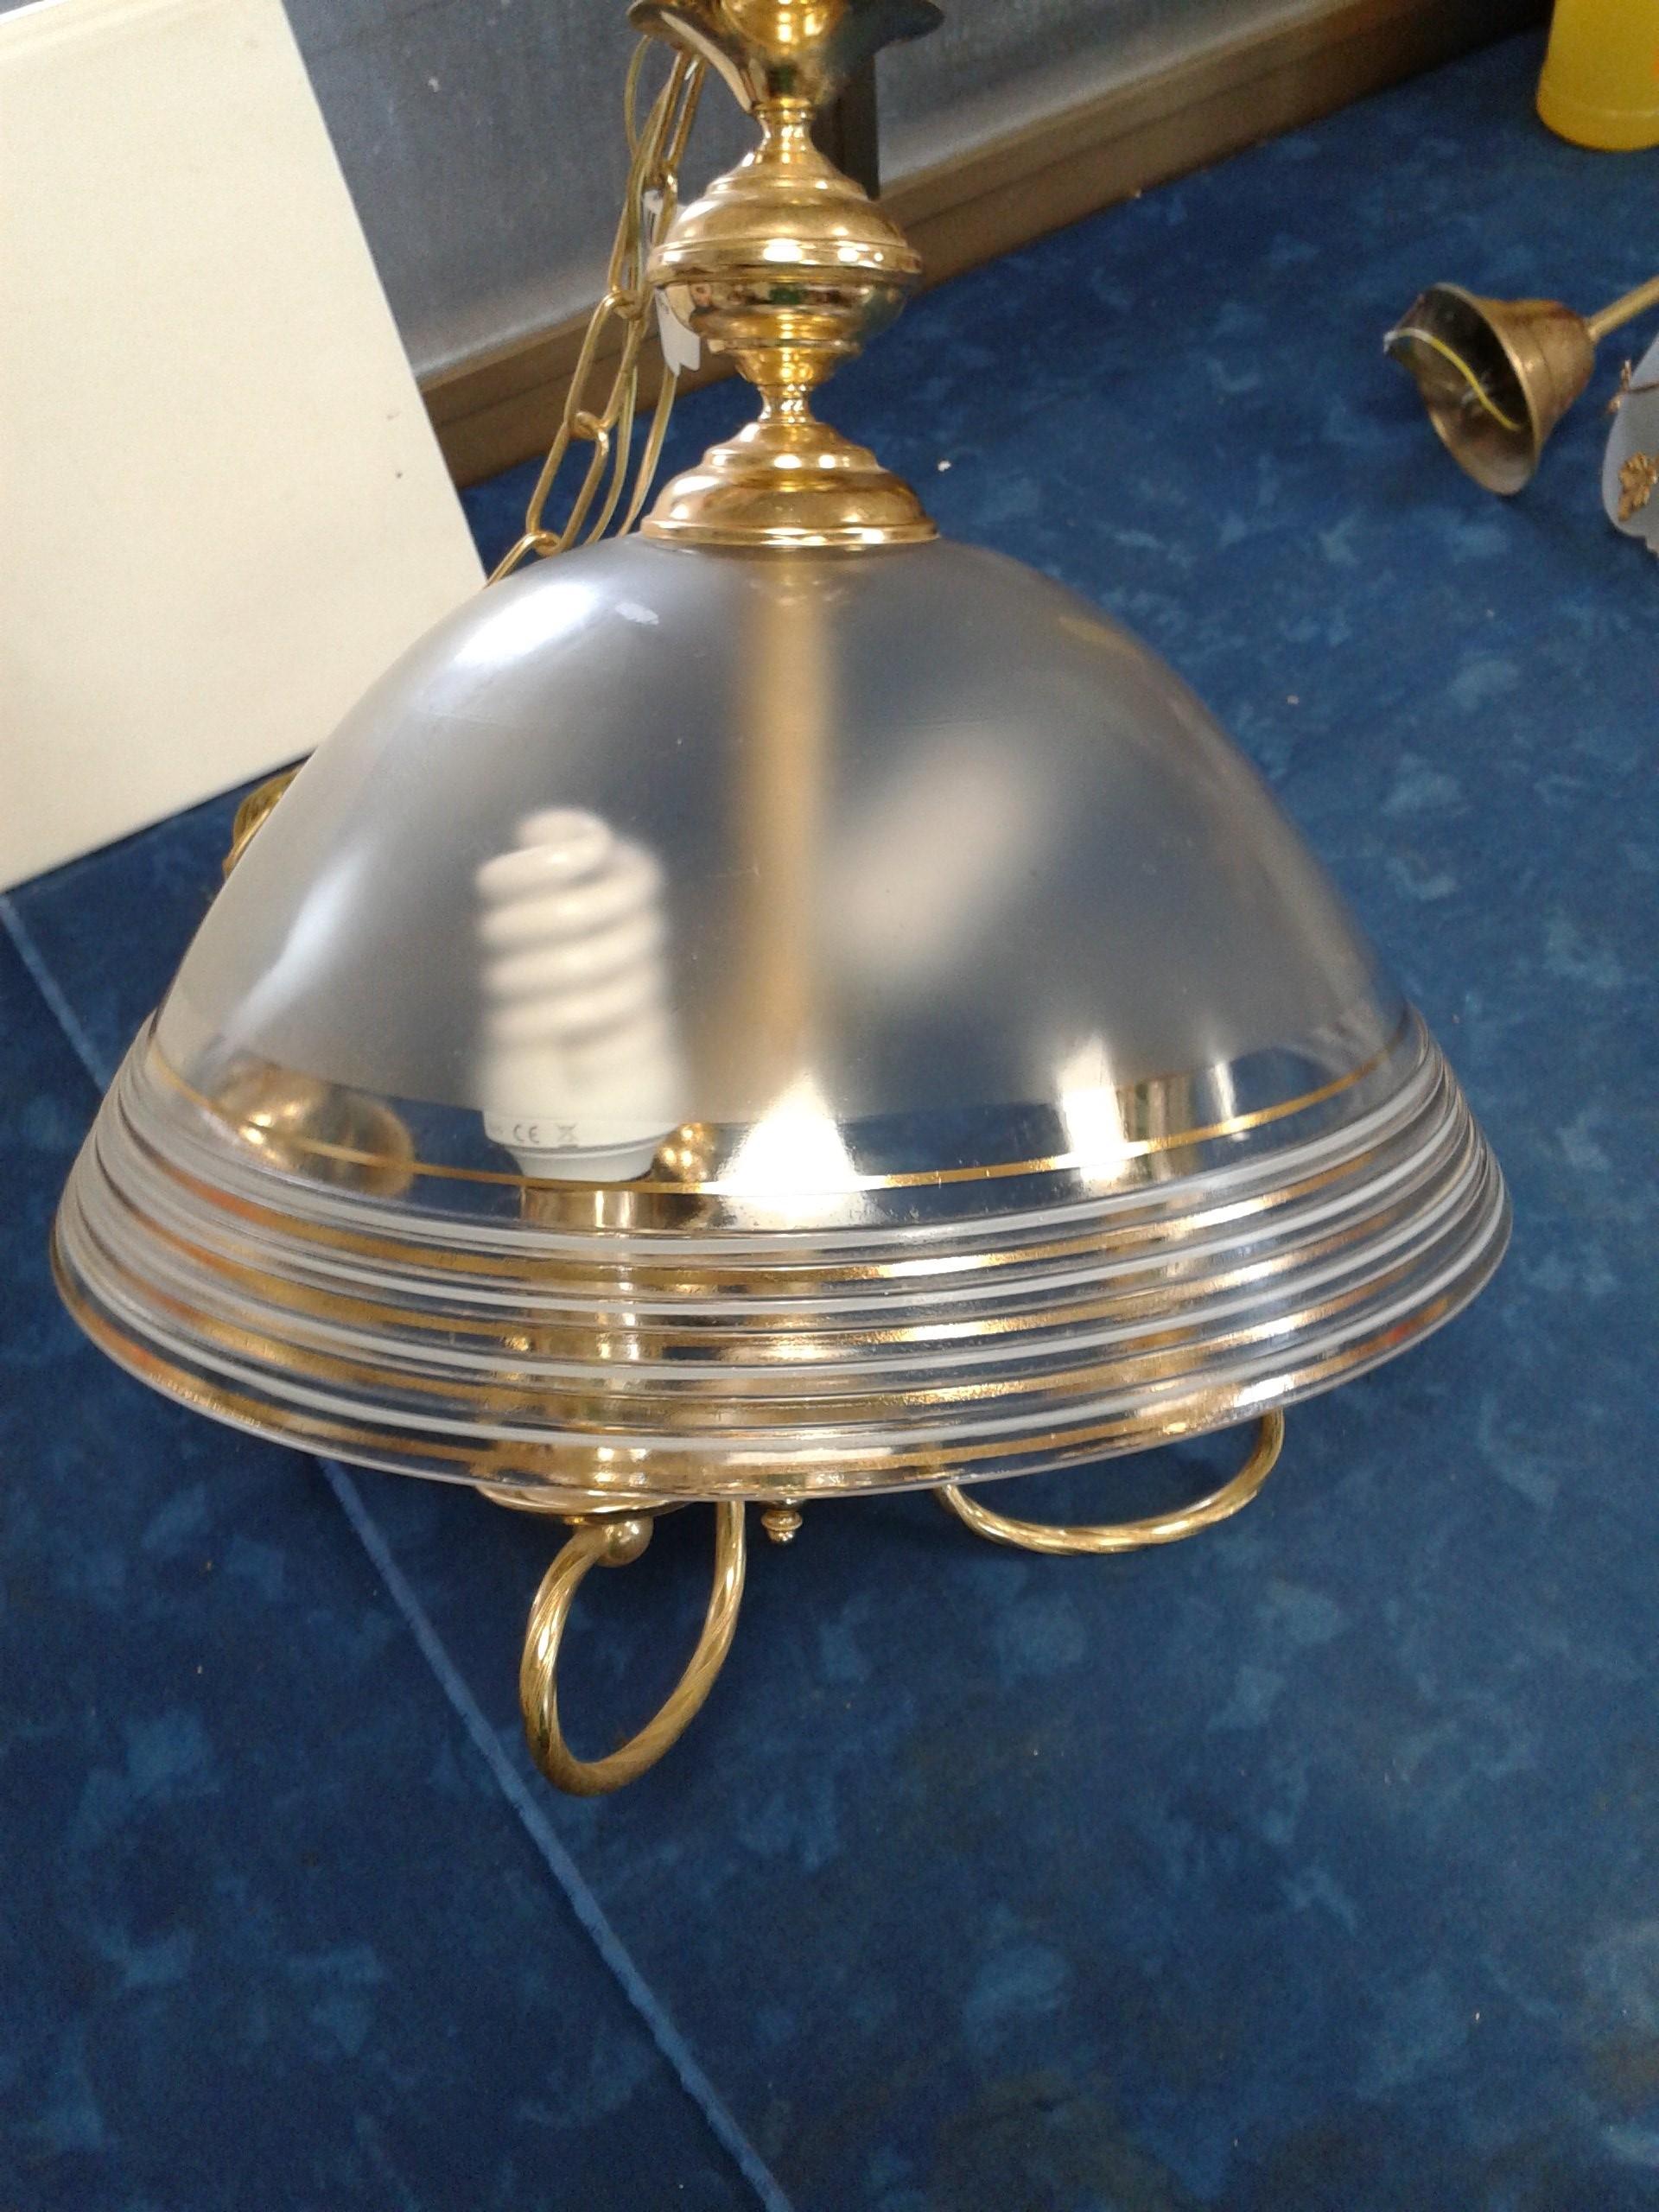 Campane Vetro Per Lampadari.Catanzaro Ricambio In Vetro Dorato Per Lampadario Mercatino Dell